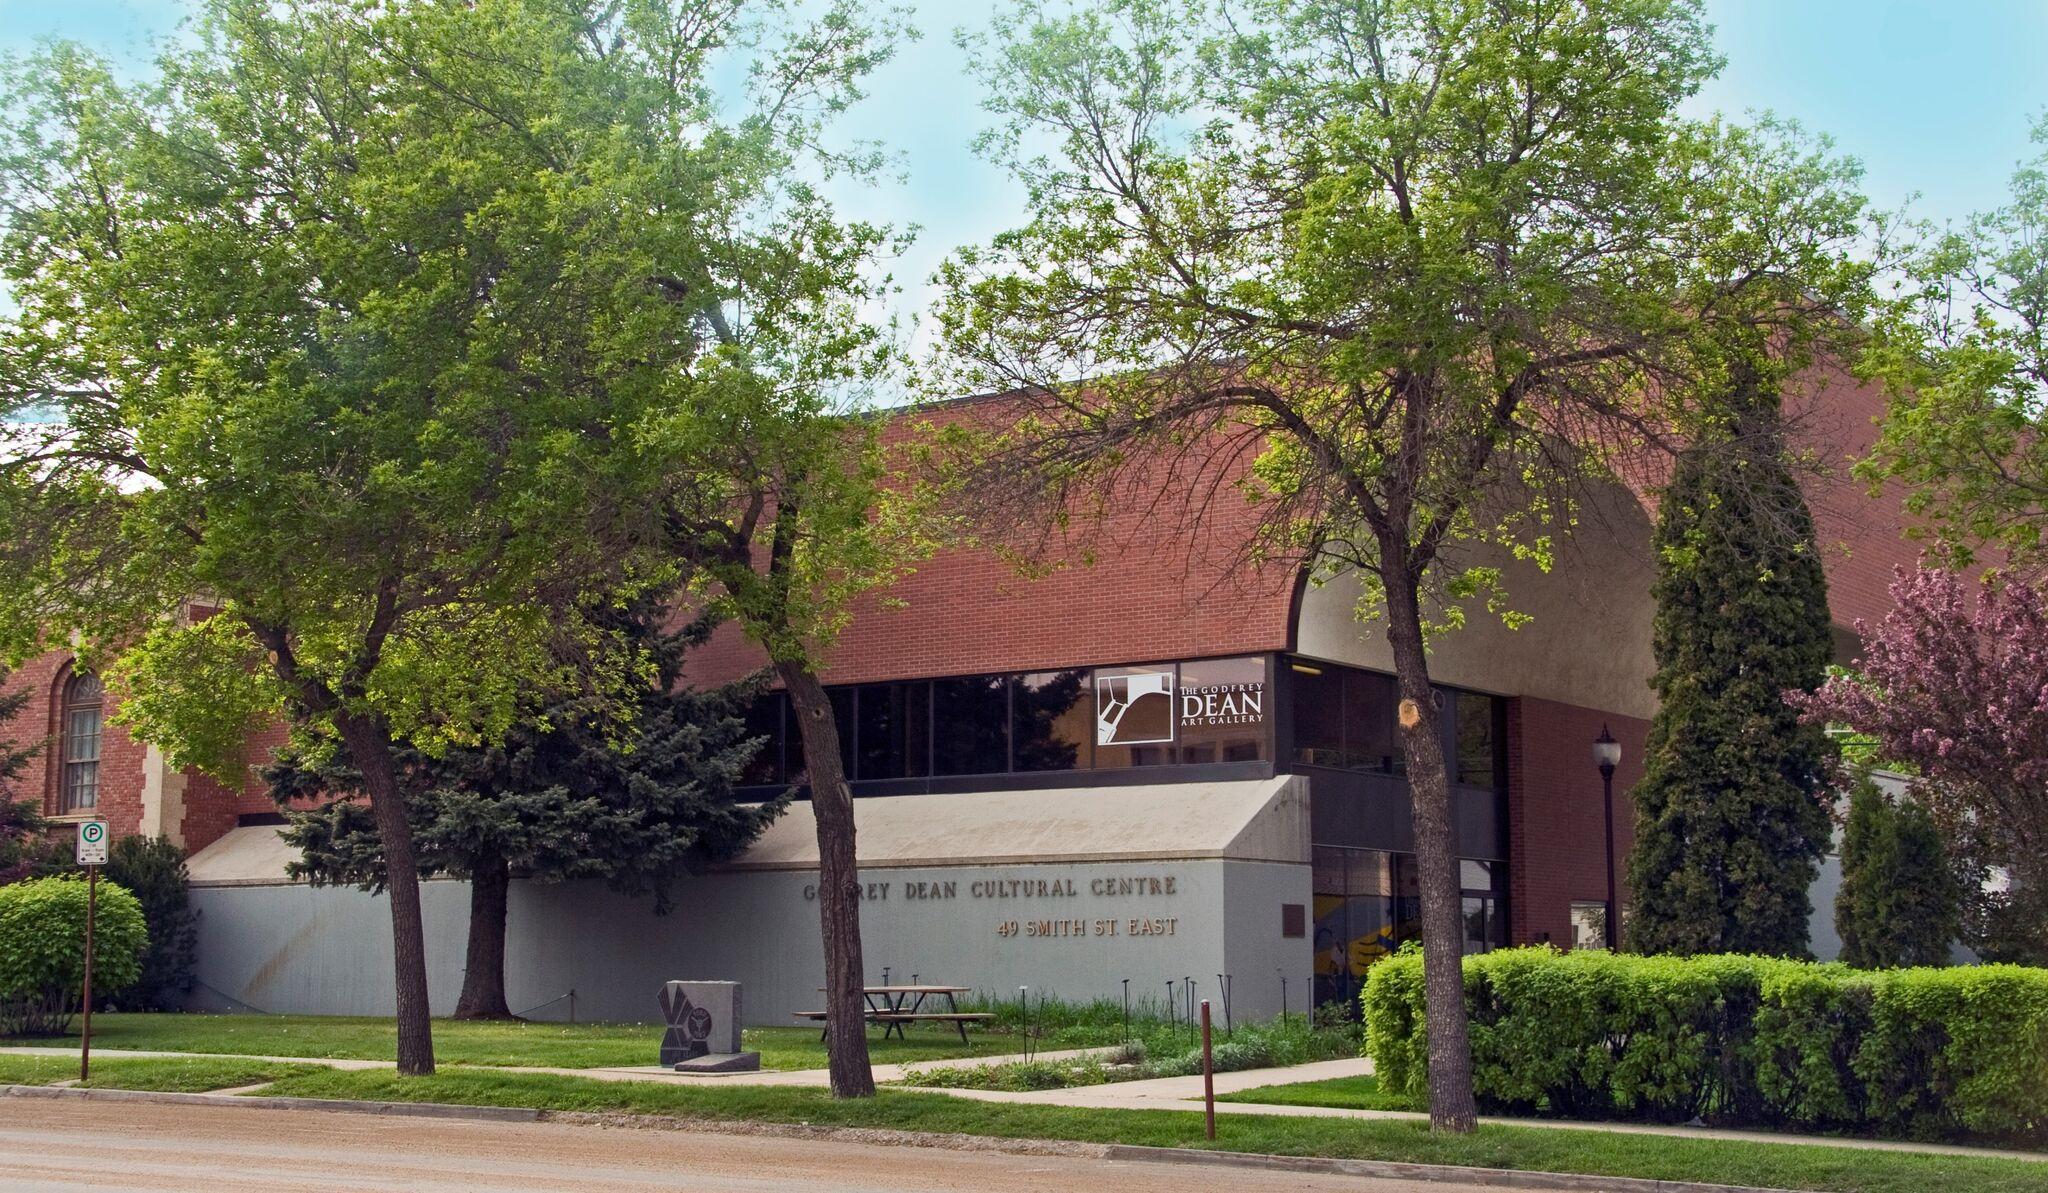 Godfrey Dean Art Gallery inside